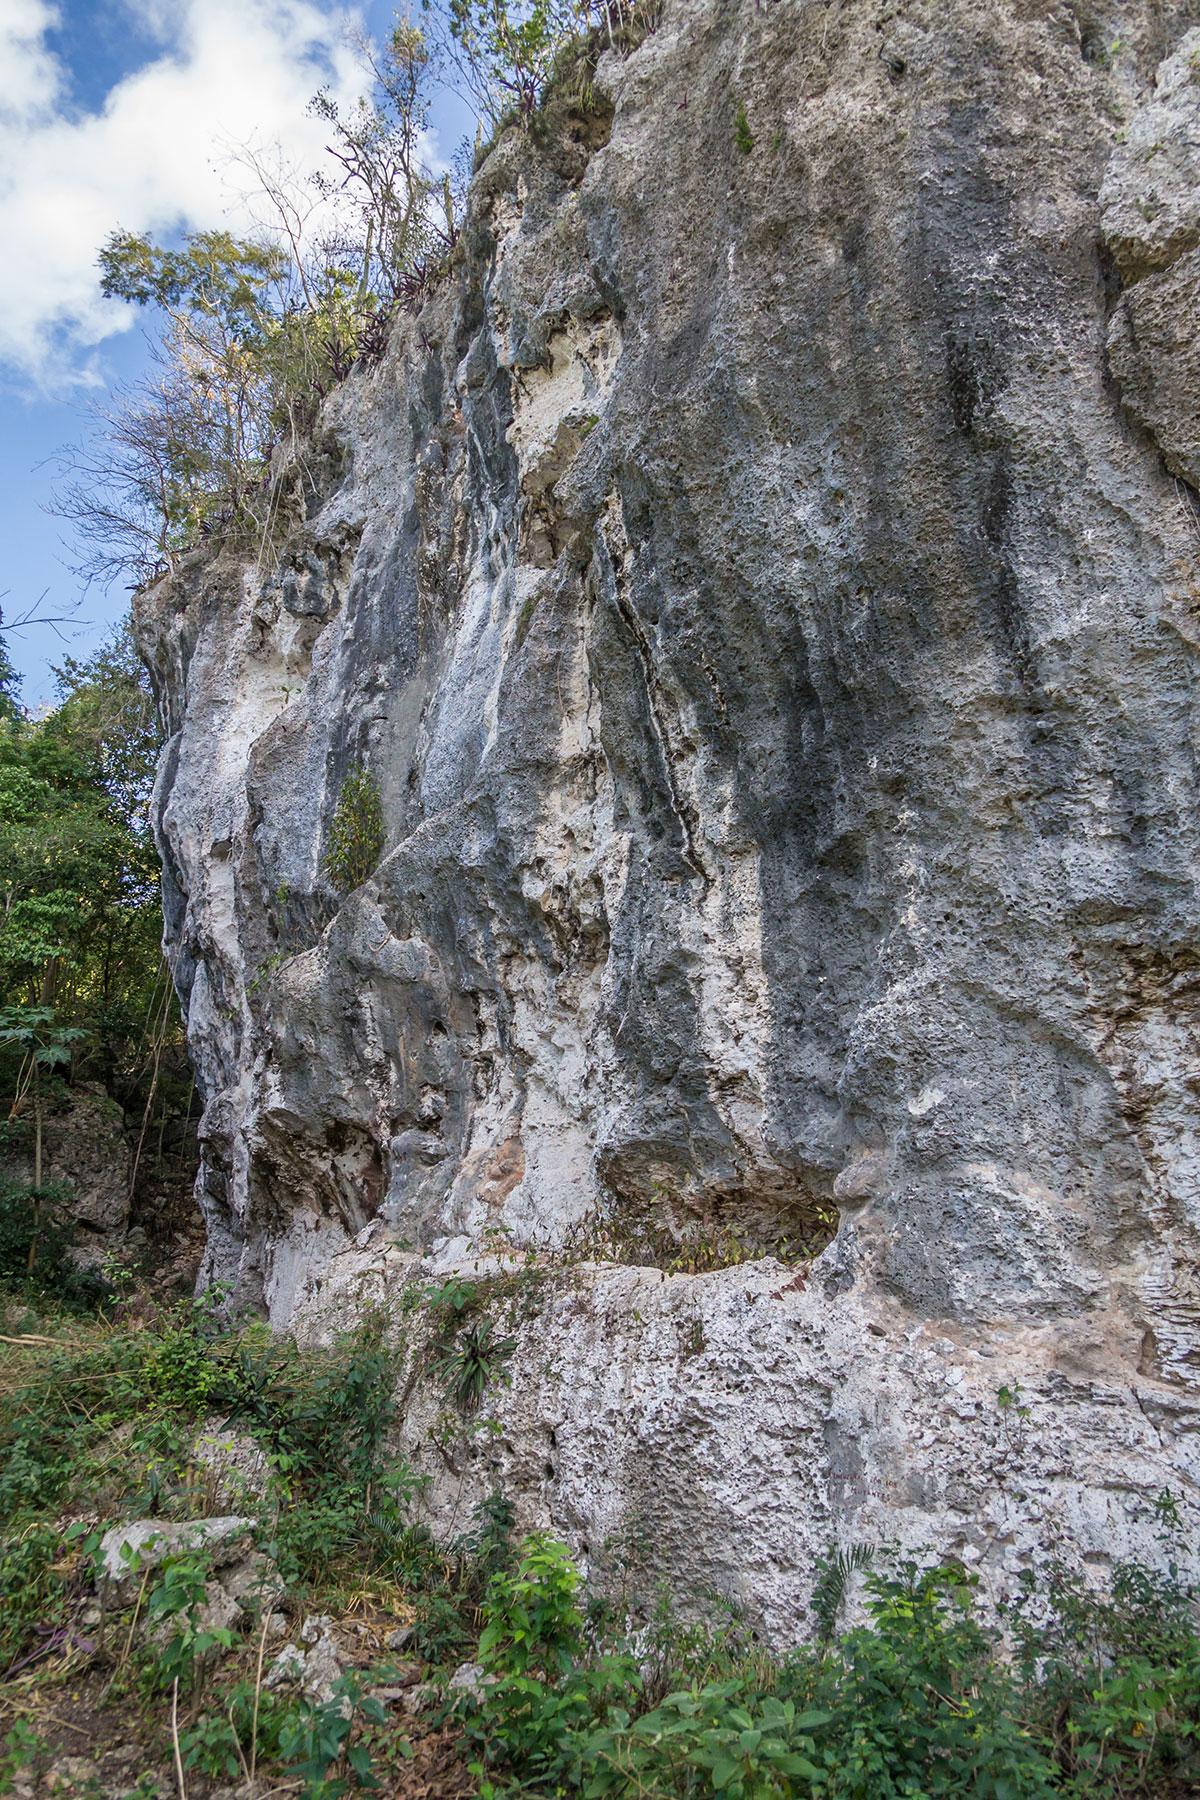 Dominikanische Republik, Felsen von Bayahibe